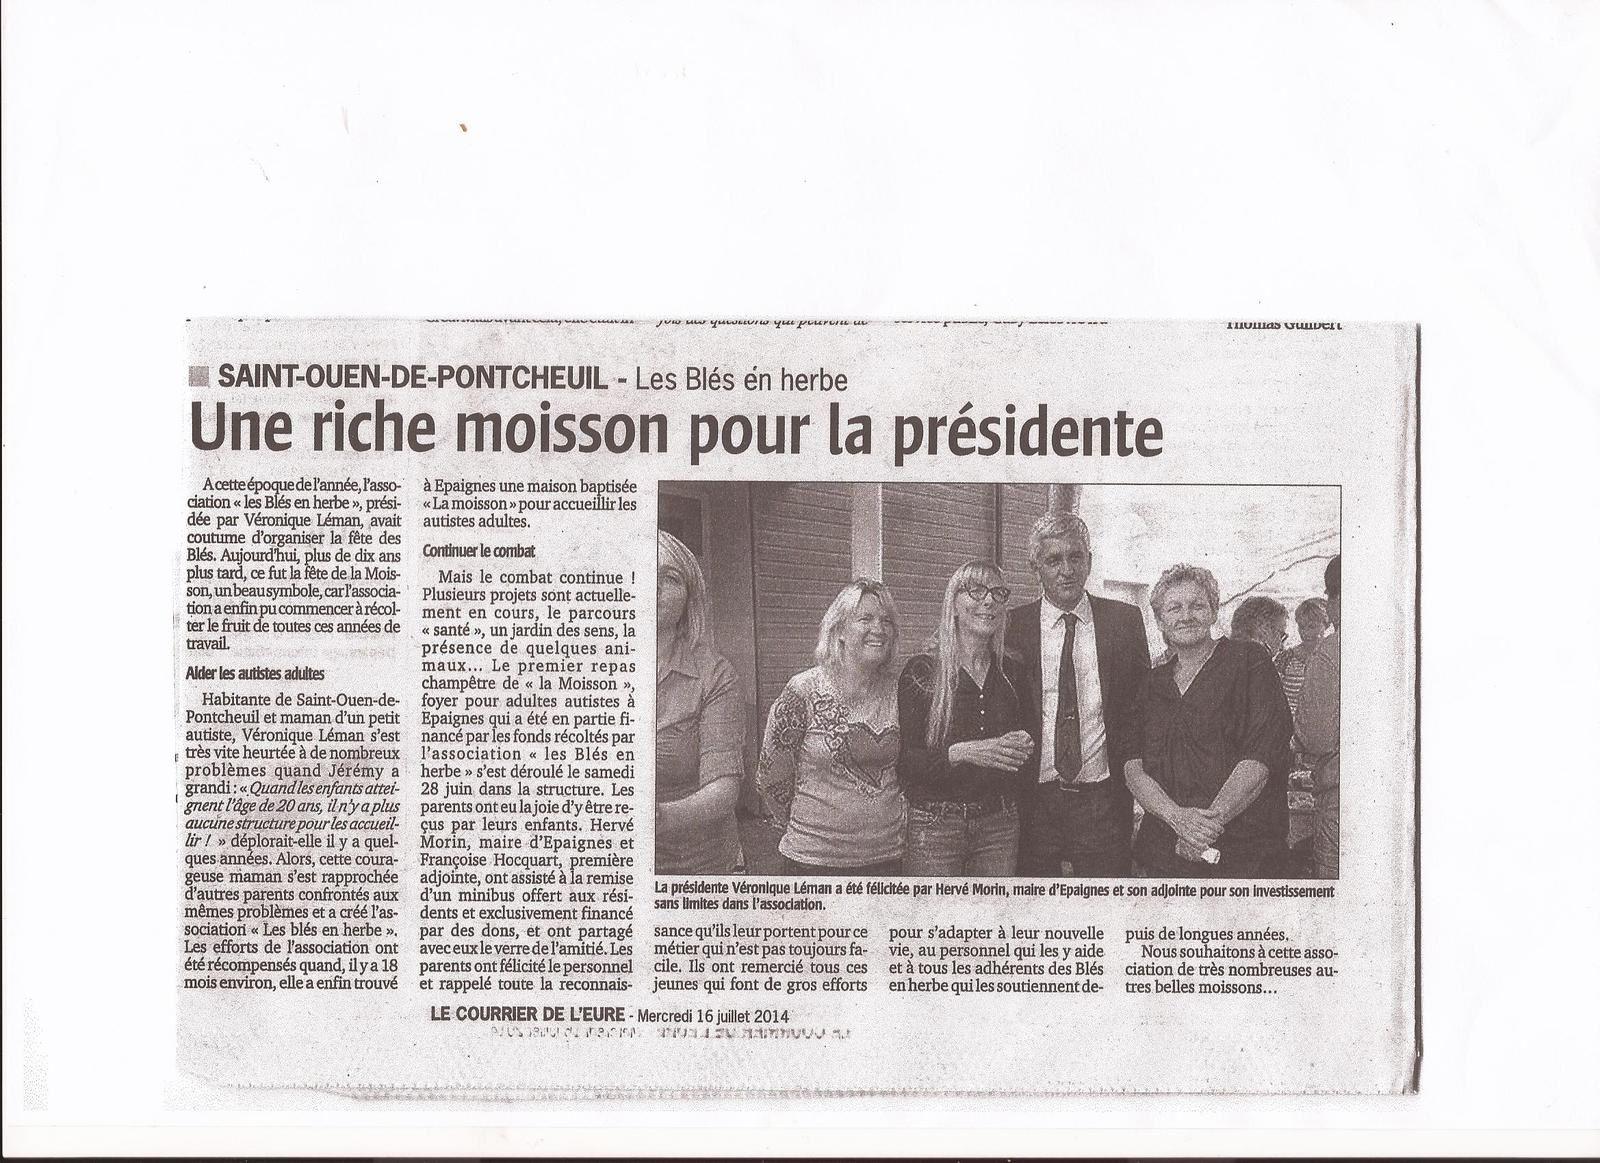 Articles suite Repas champêtre La Moisson. 28 juin 2014